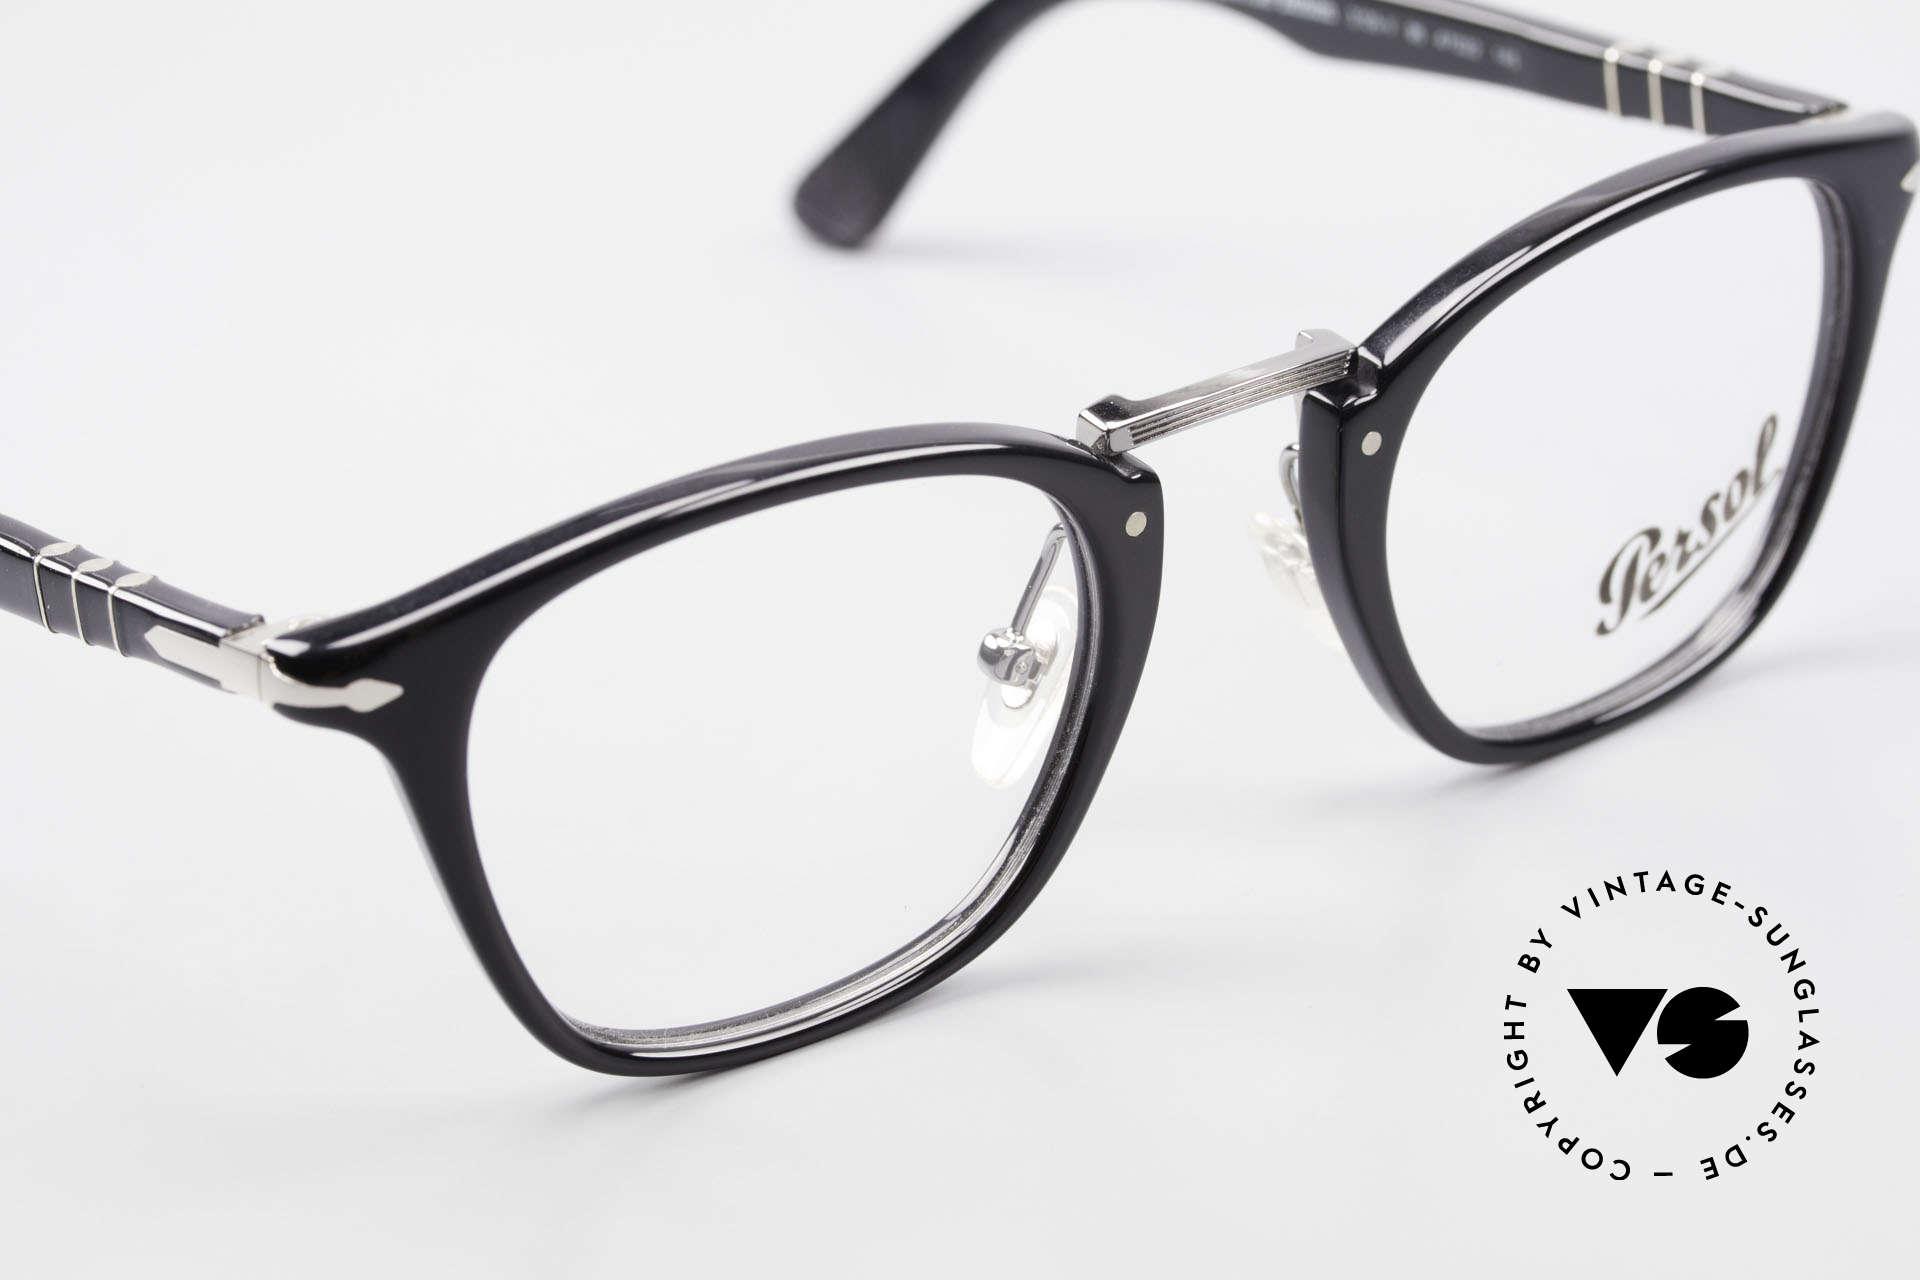 Persol 3109 Typewriter Edition Fassung, eine Neuauflage der alten Brillen von Persol Ratti, Passend für Herren und Damen